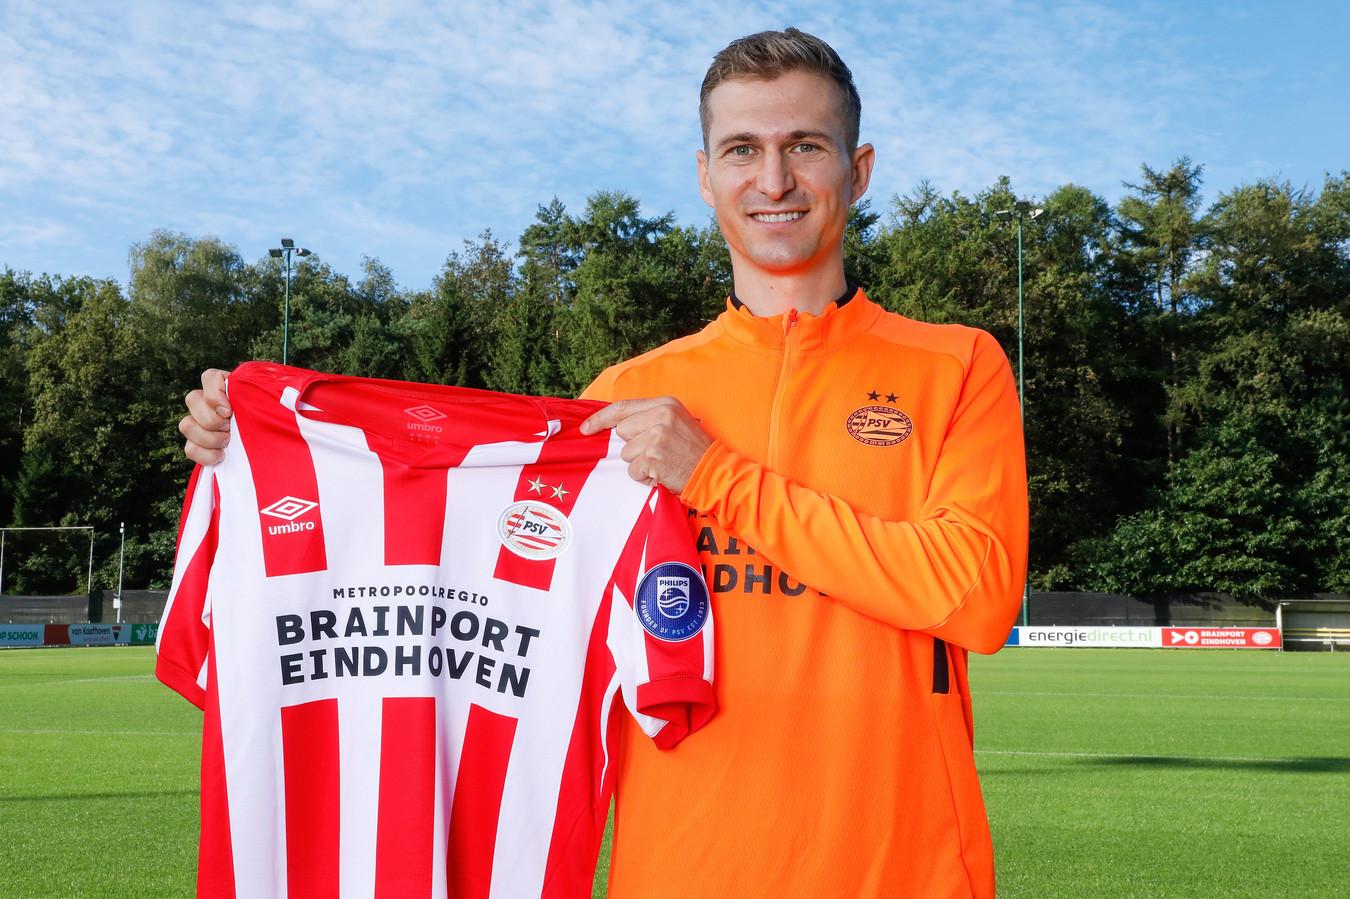 Daniel Schwaab is terug bij PSV en zit misschien zondag weer bij de wedstrijdselectie, als PSV tegen Heracles speelt. Donderdag mag hij tegen FK Haugesund nog niet in actie komen, omdat hij niet staat ingeschreven voor de derde voorronde van het Europa League-toernooi.